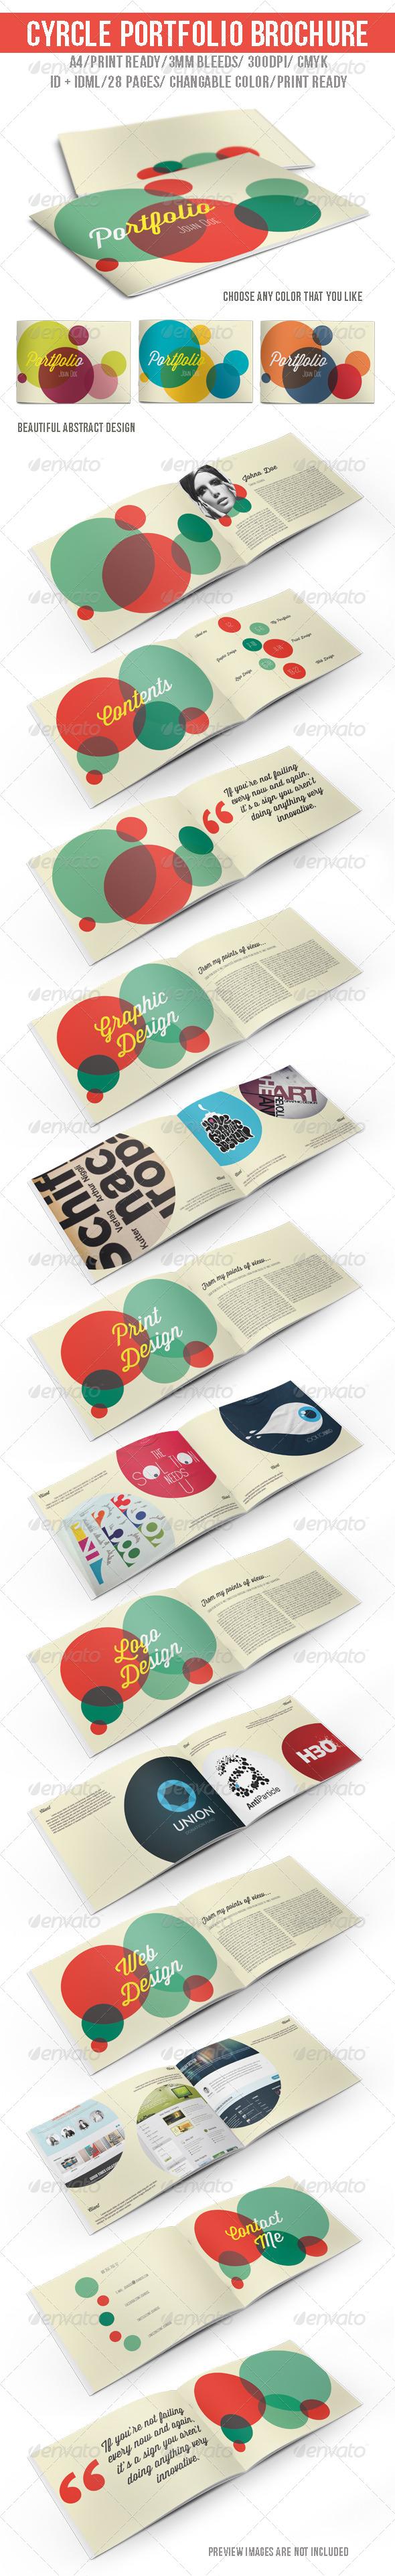 Cyrcle Portfolio Brochure - Portfolio Brochures